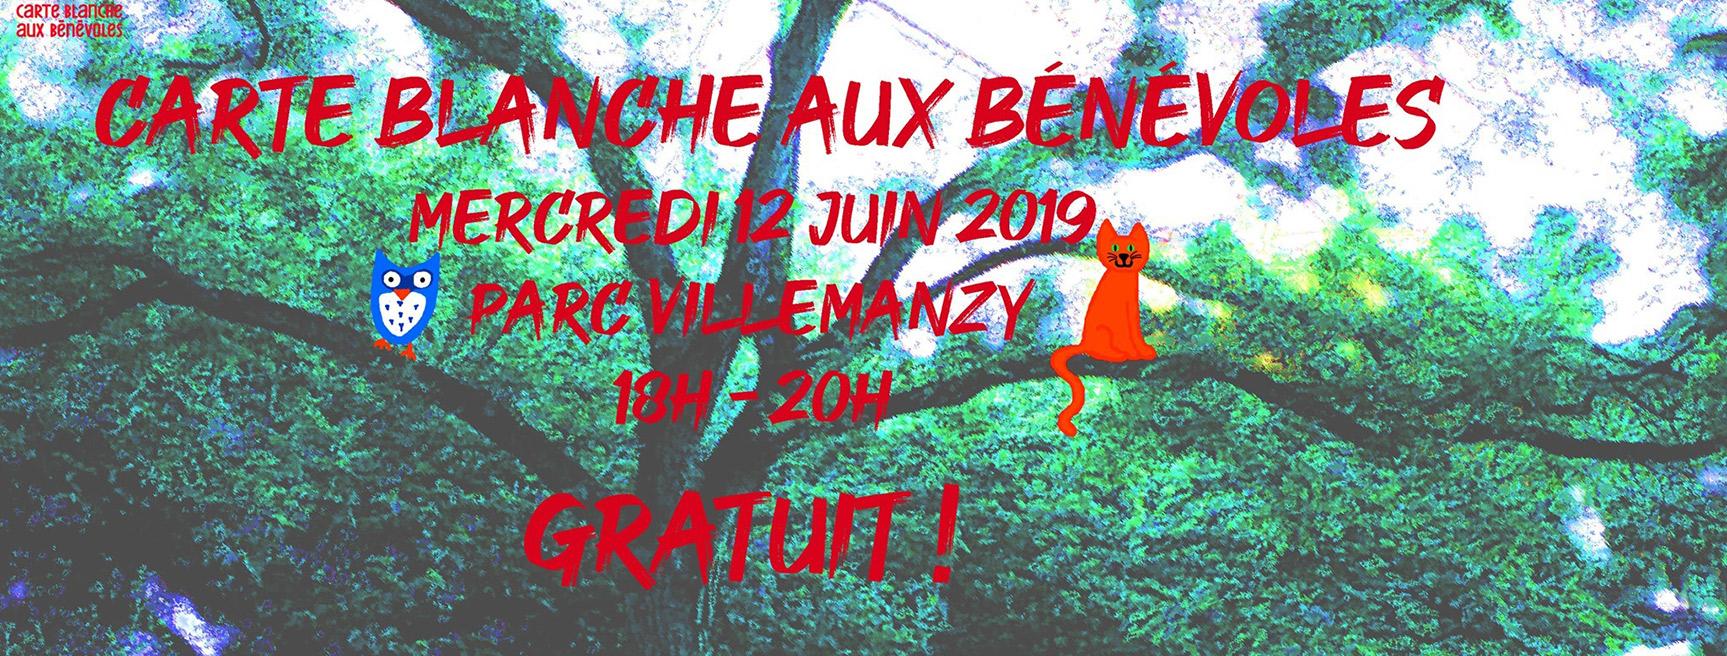 CARTE BLANCHE AUX BÉNÉVOLES #9